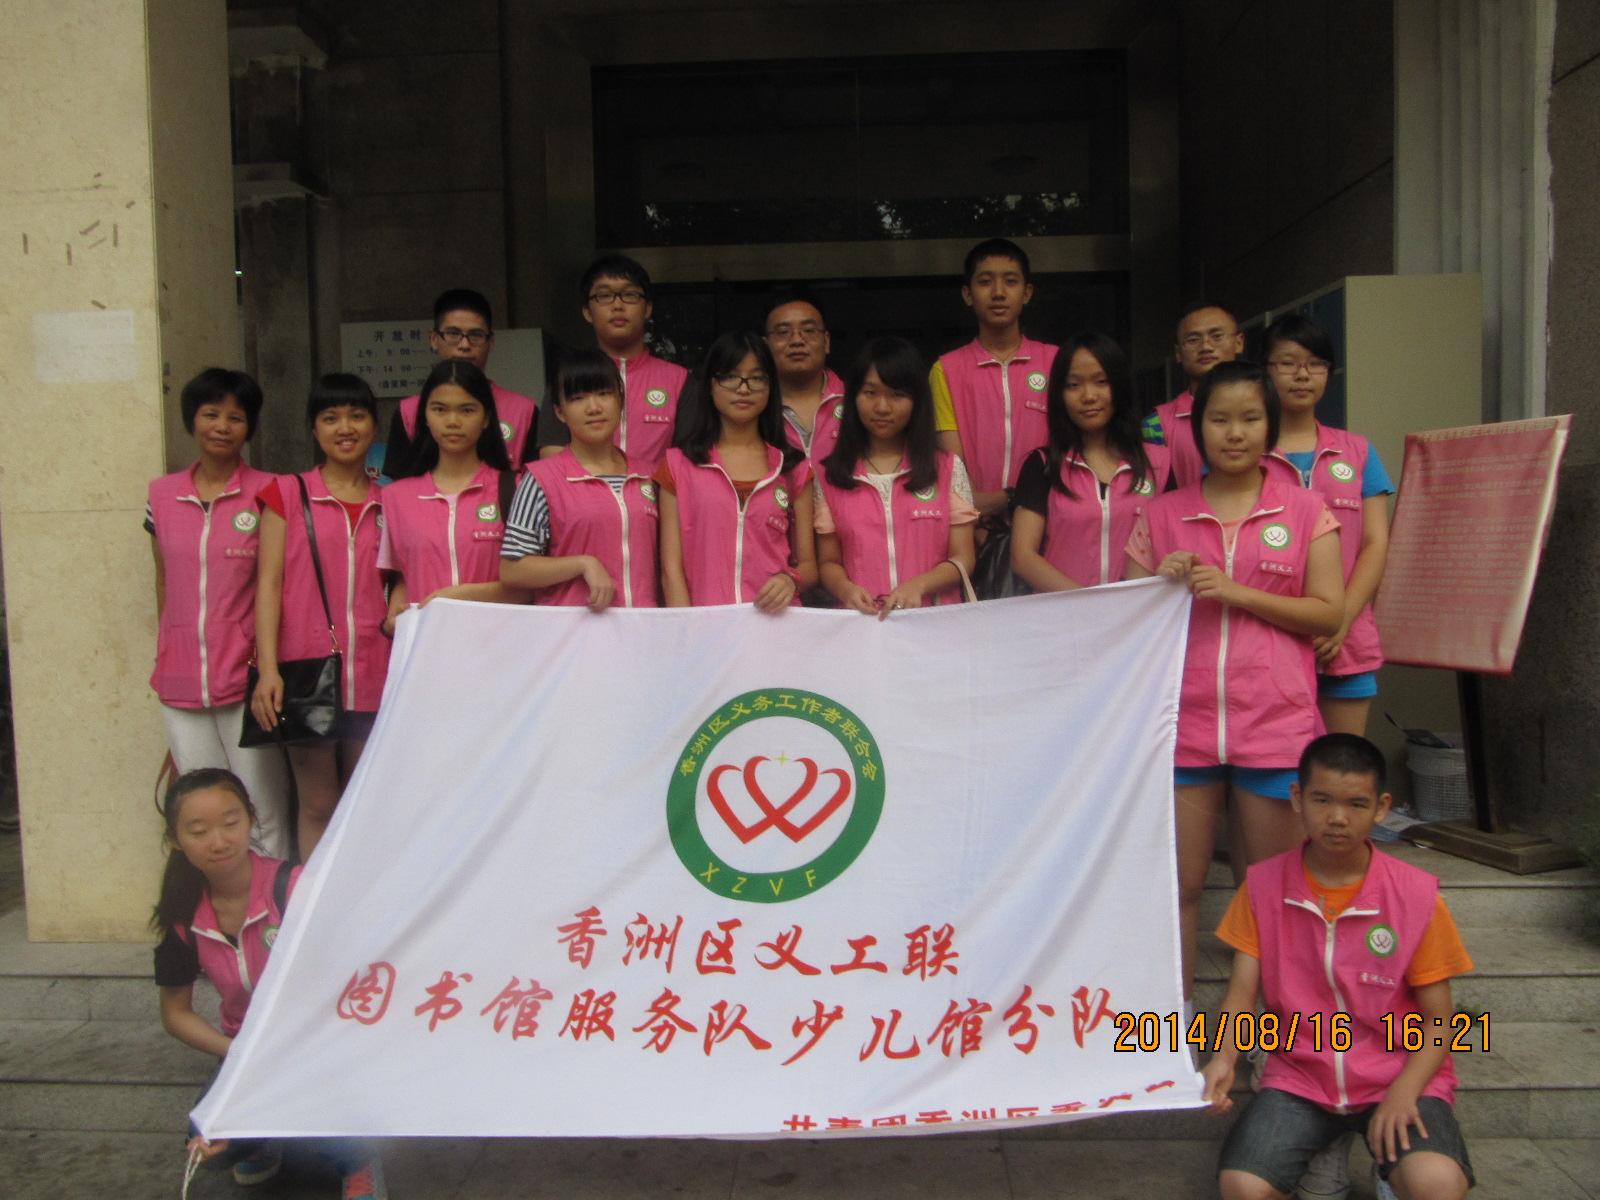 香洲义工网-8月16日【周六下午】少儿图书馆义工活动